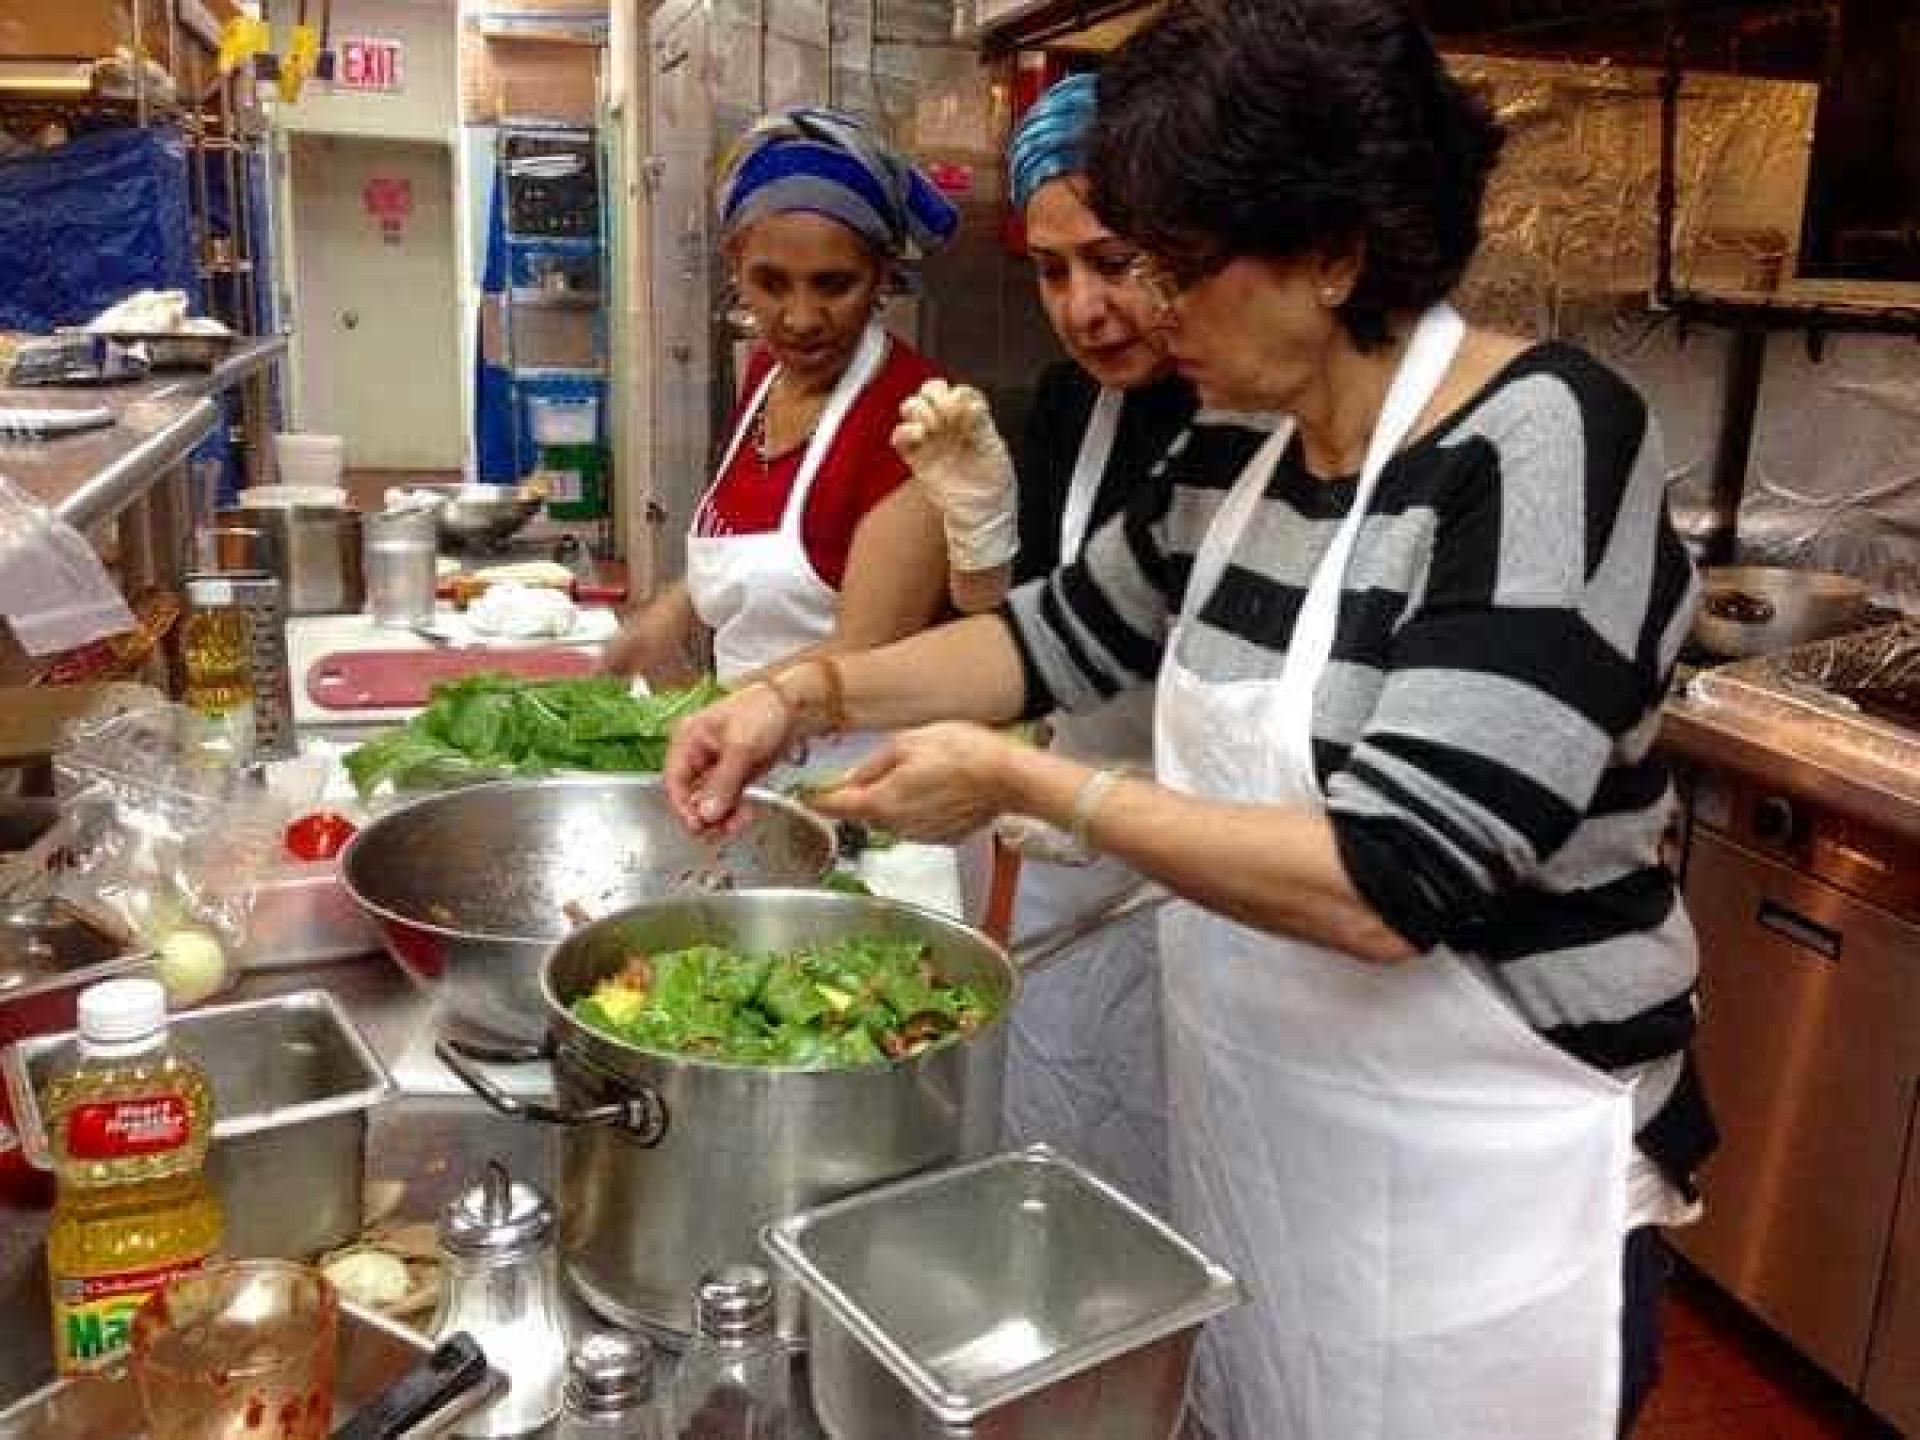 A startup que emprega refugiados que cozinhem comida tradicional